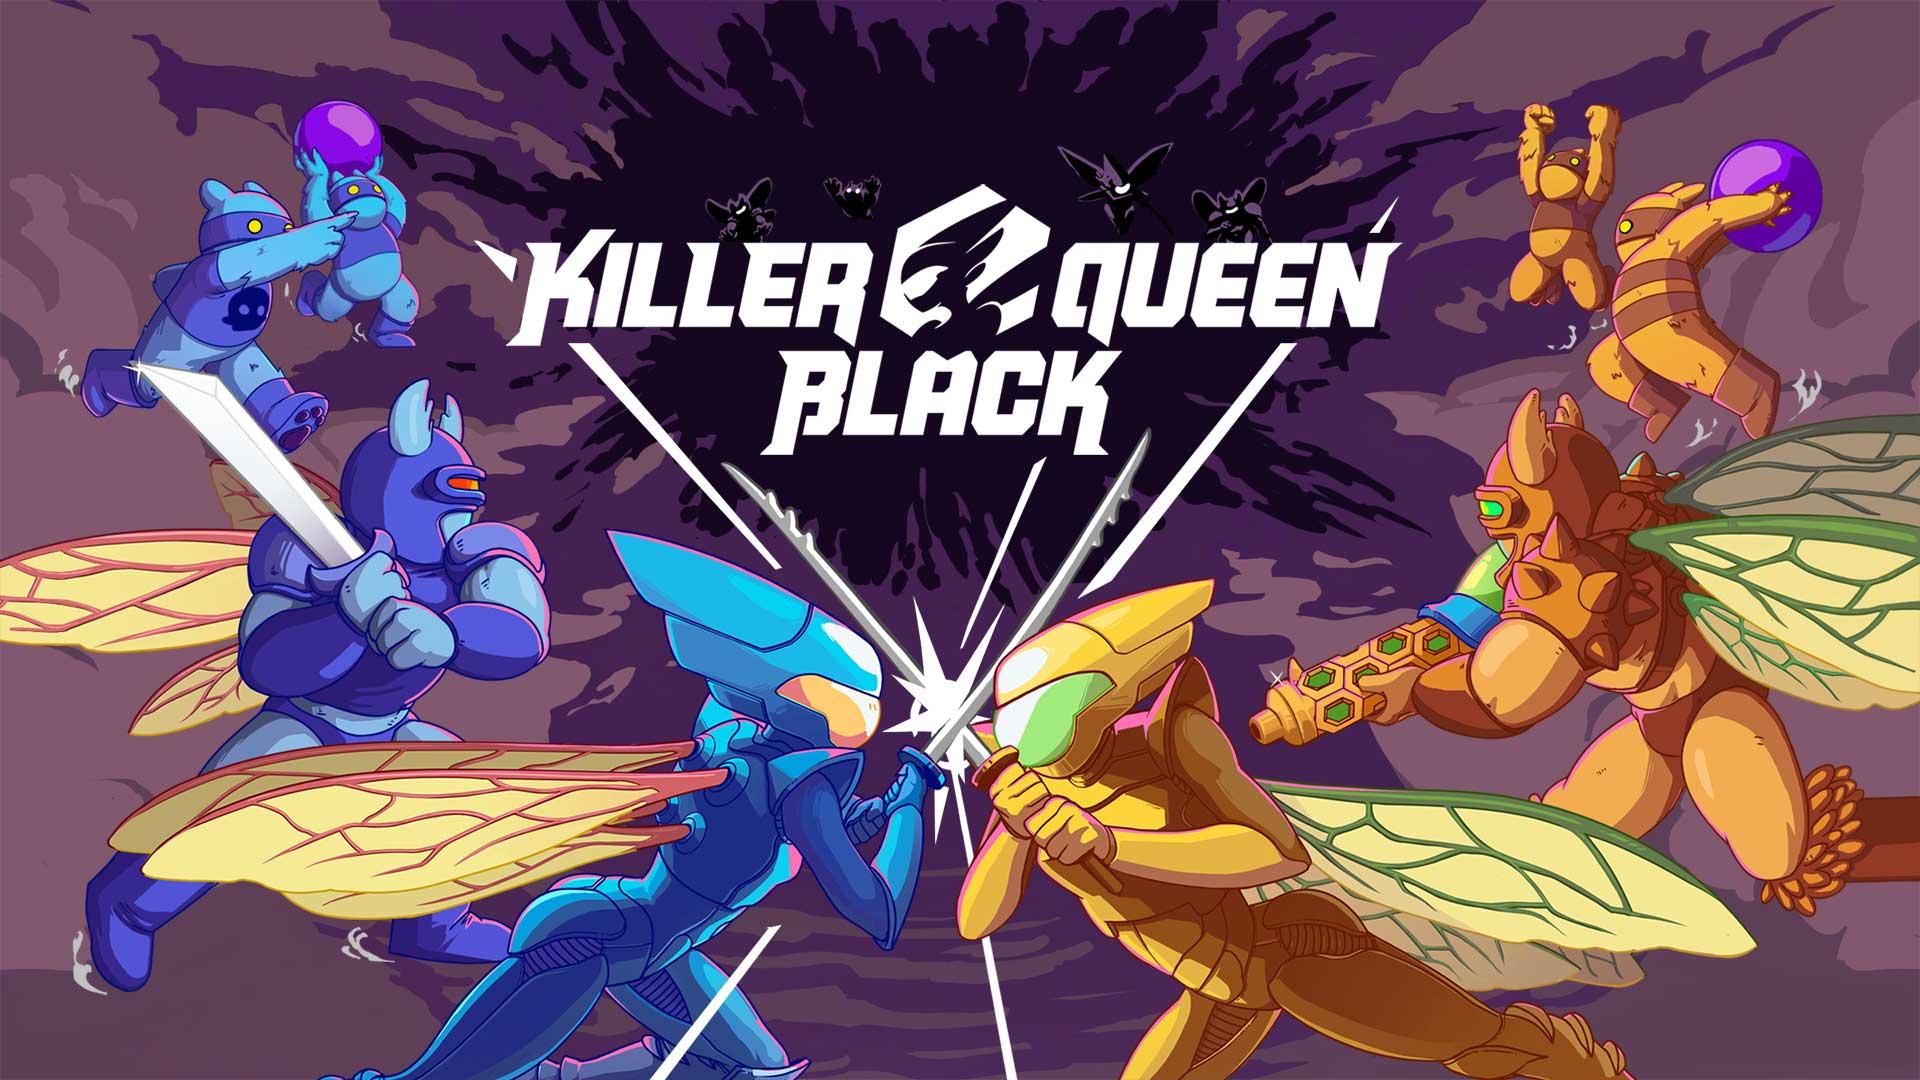 El juego de plataformas de acción arcade Killer Queen Black llegará a Nintendo Switch y PC a principios del próximo año